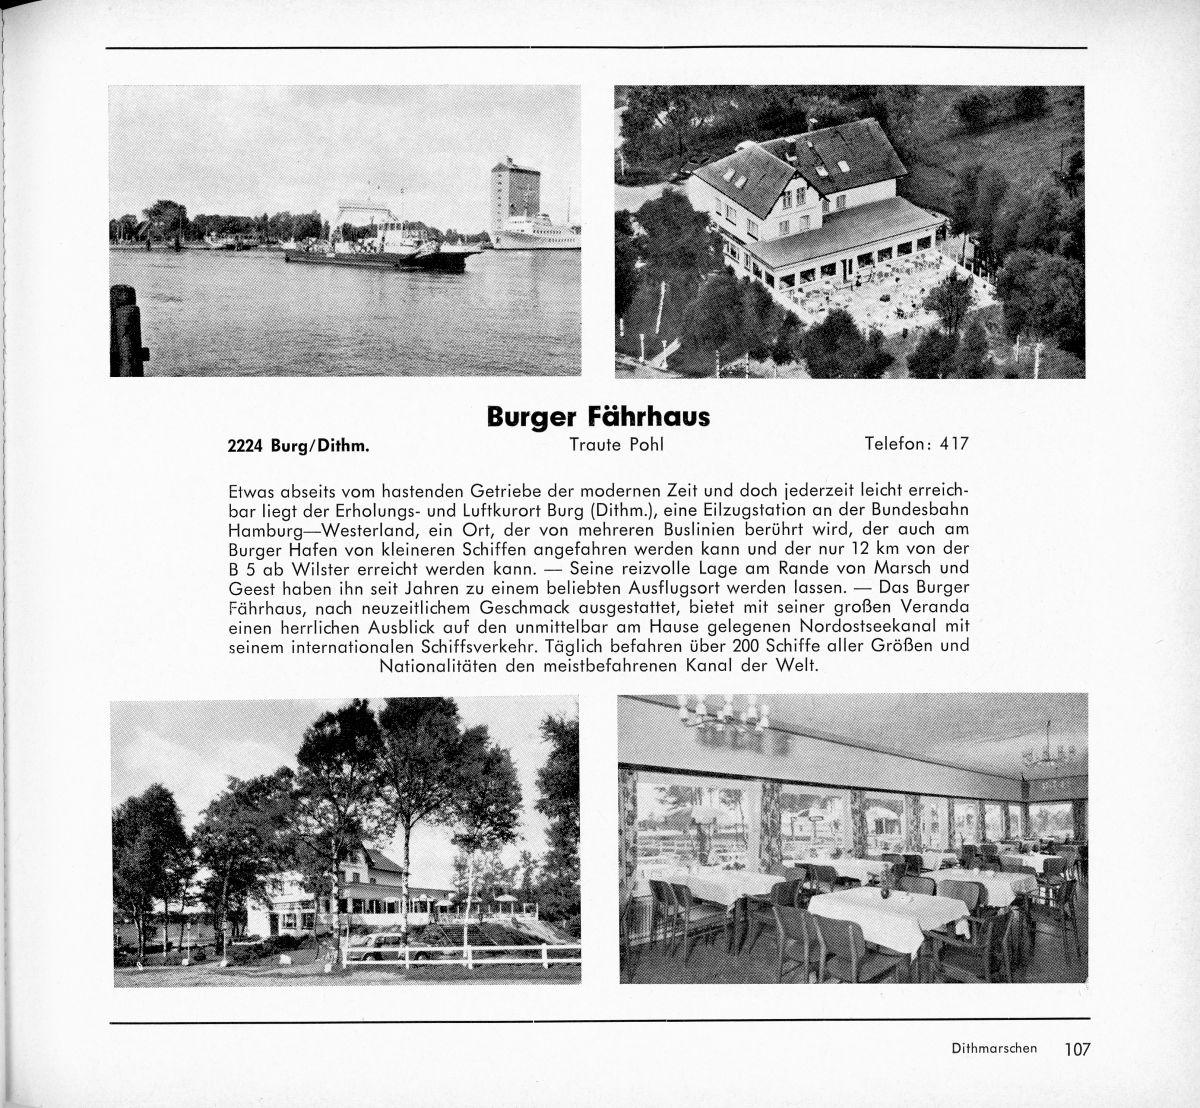 http://www.bremsenbude.de/bilder/dso/SH_1967b.jpg